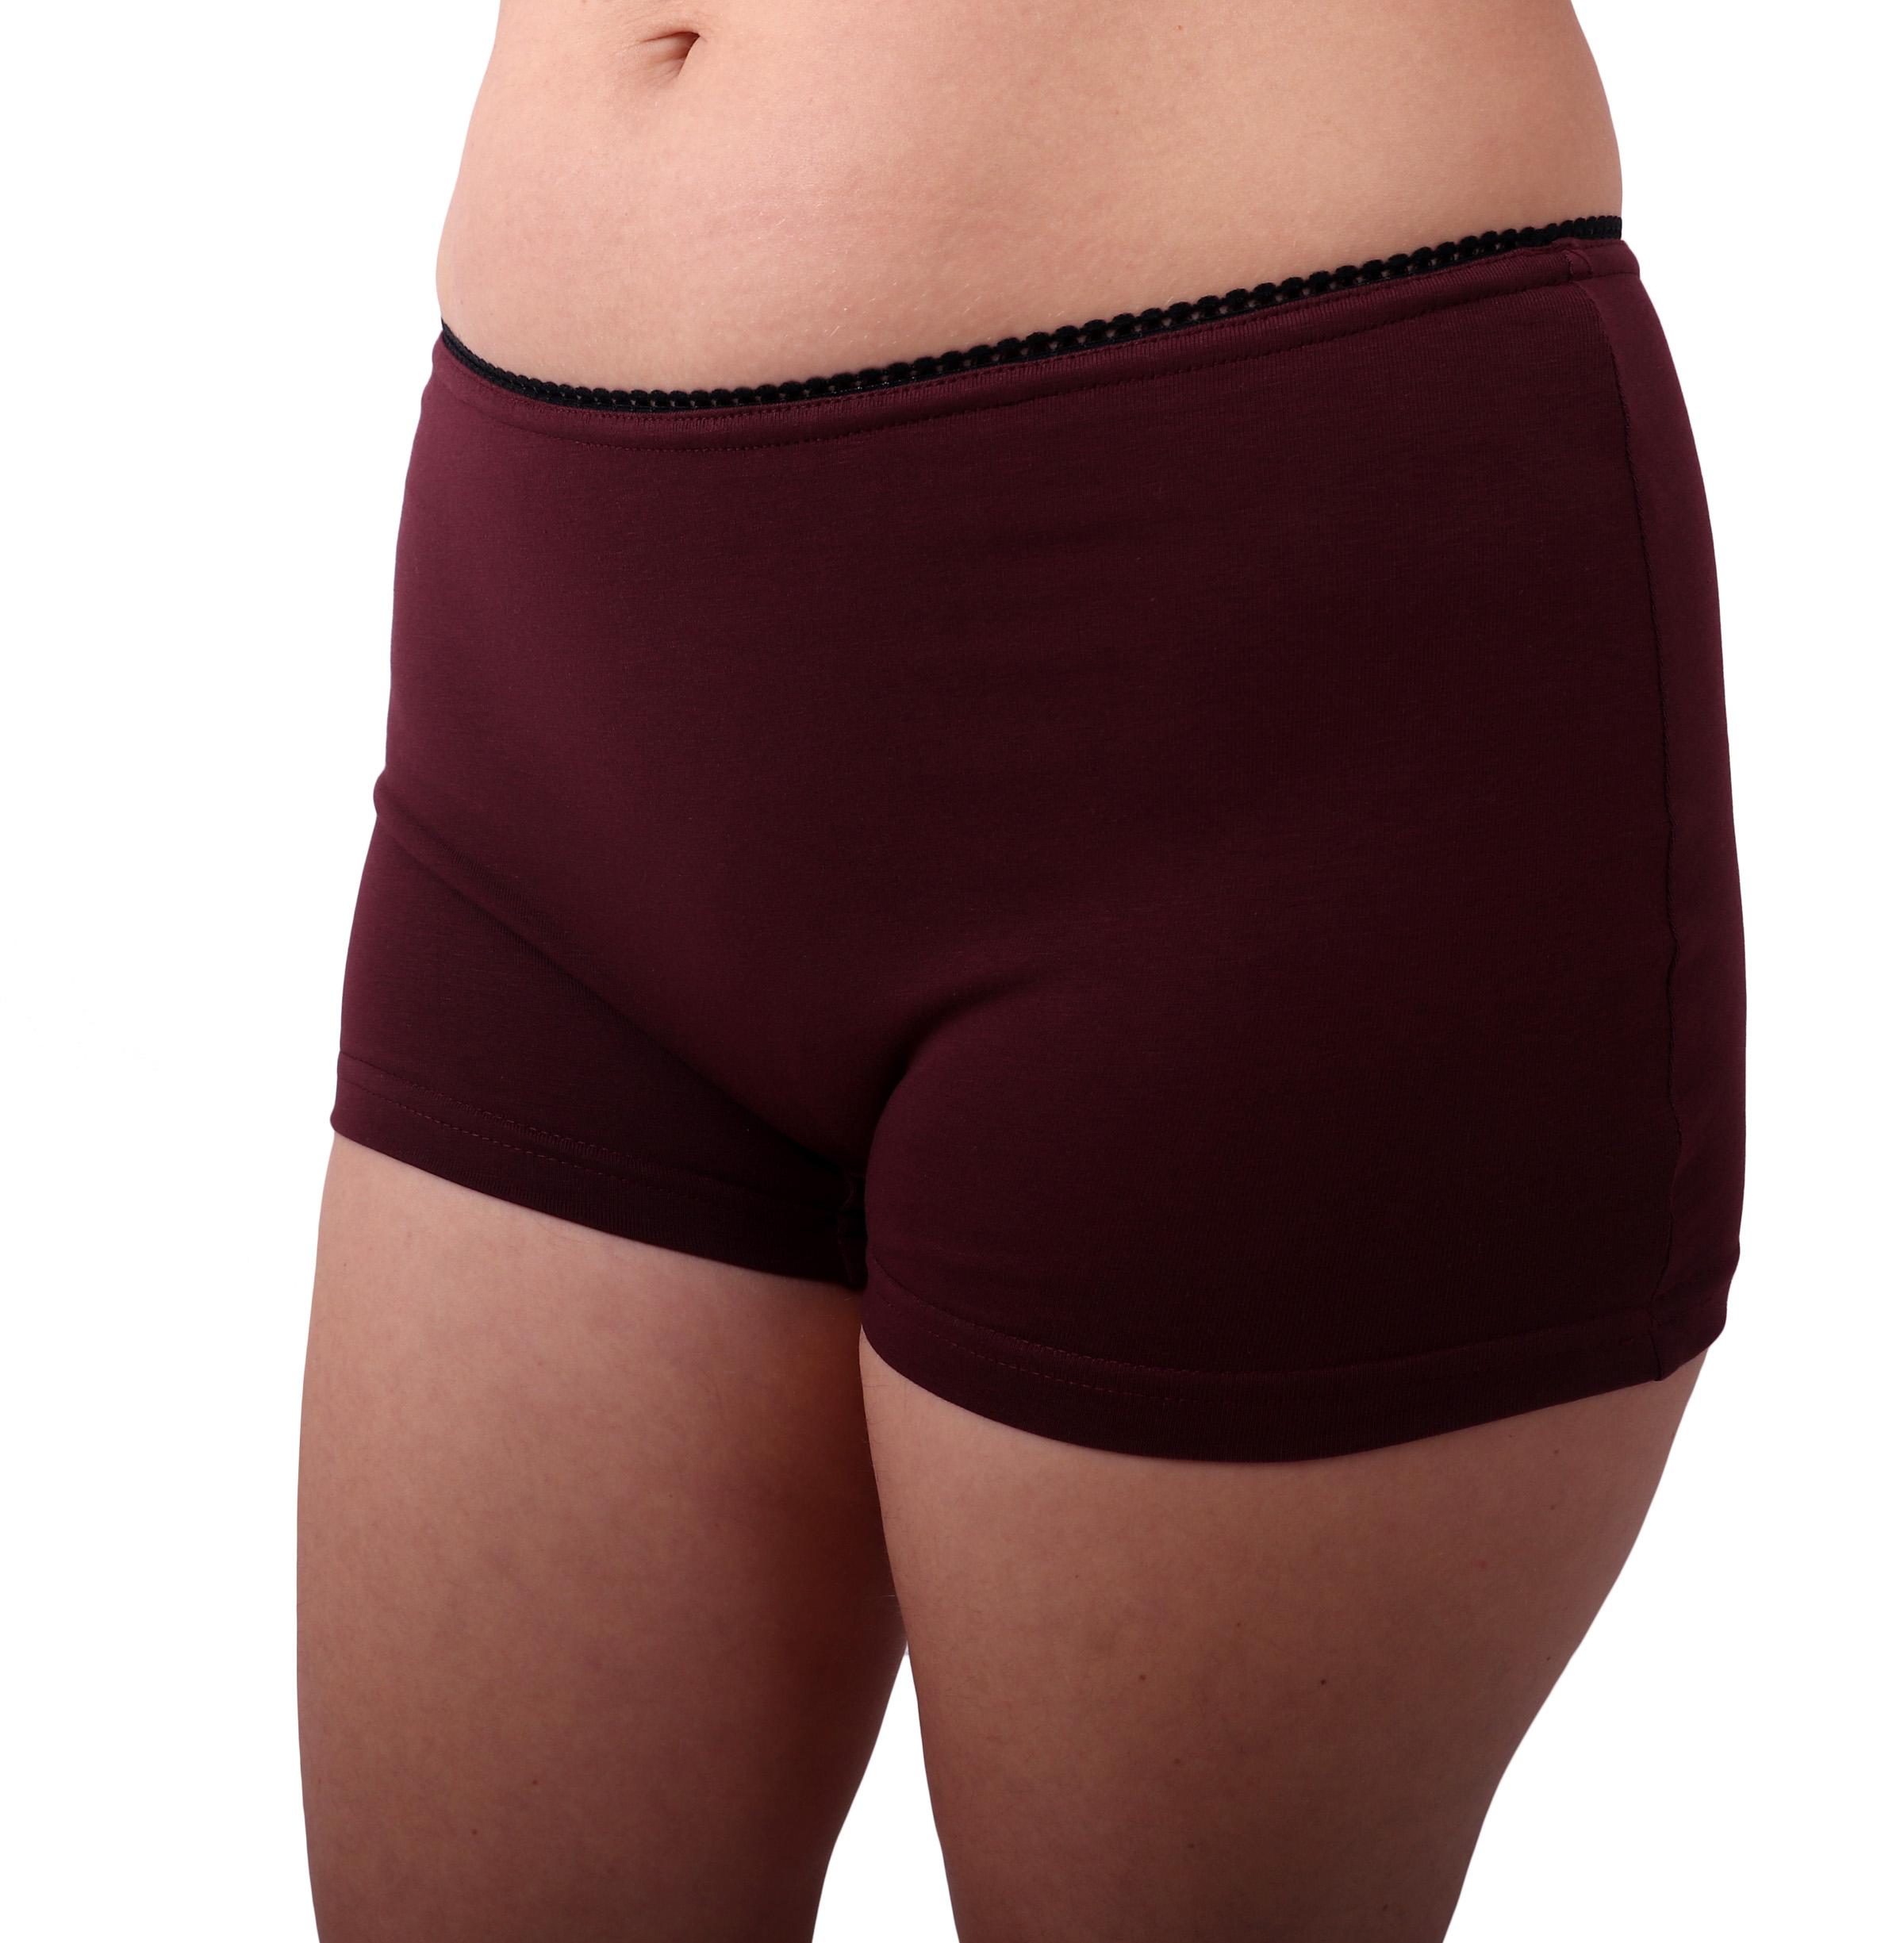 Dámské kalhotky bavlněné, nohavičkové, bordo, 44